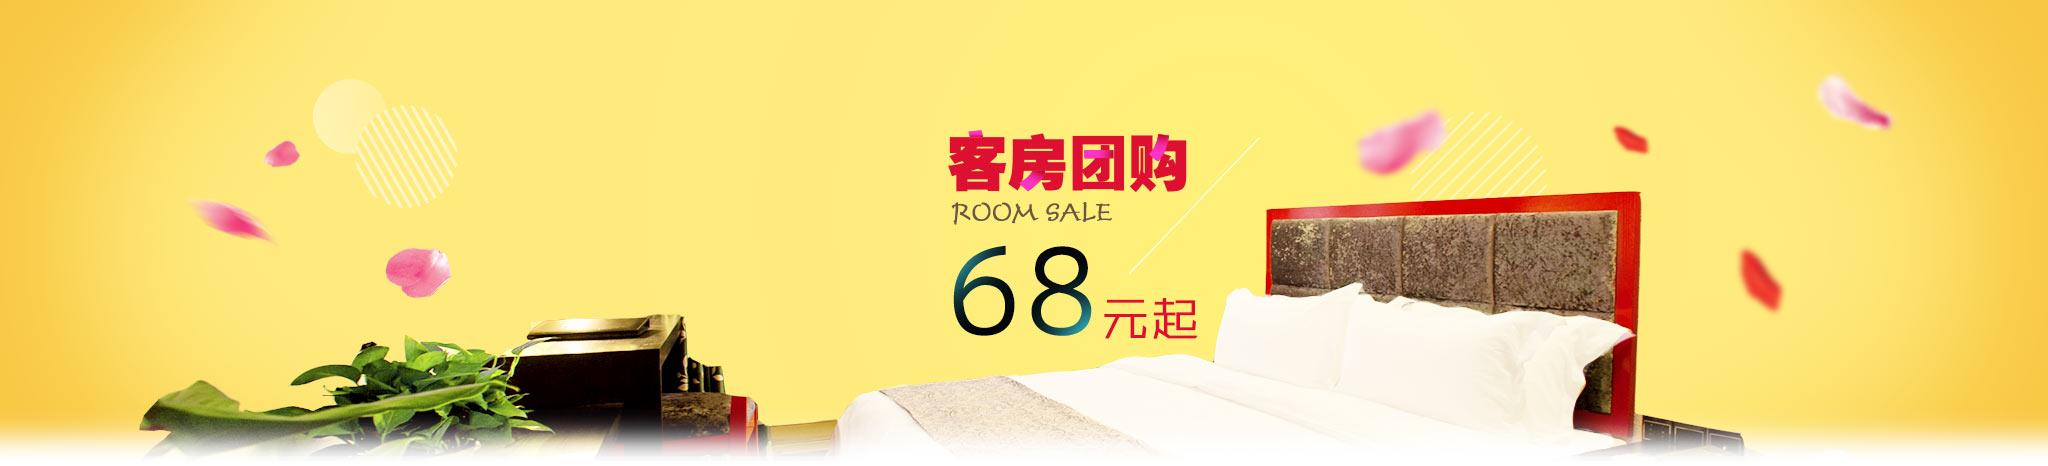 官网团购68元起